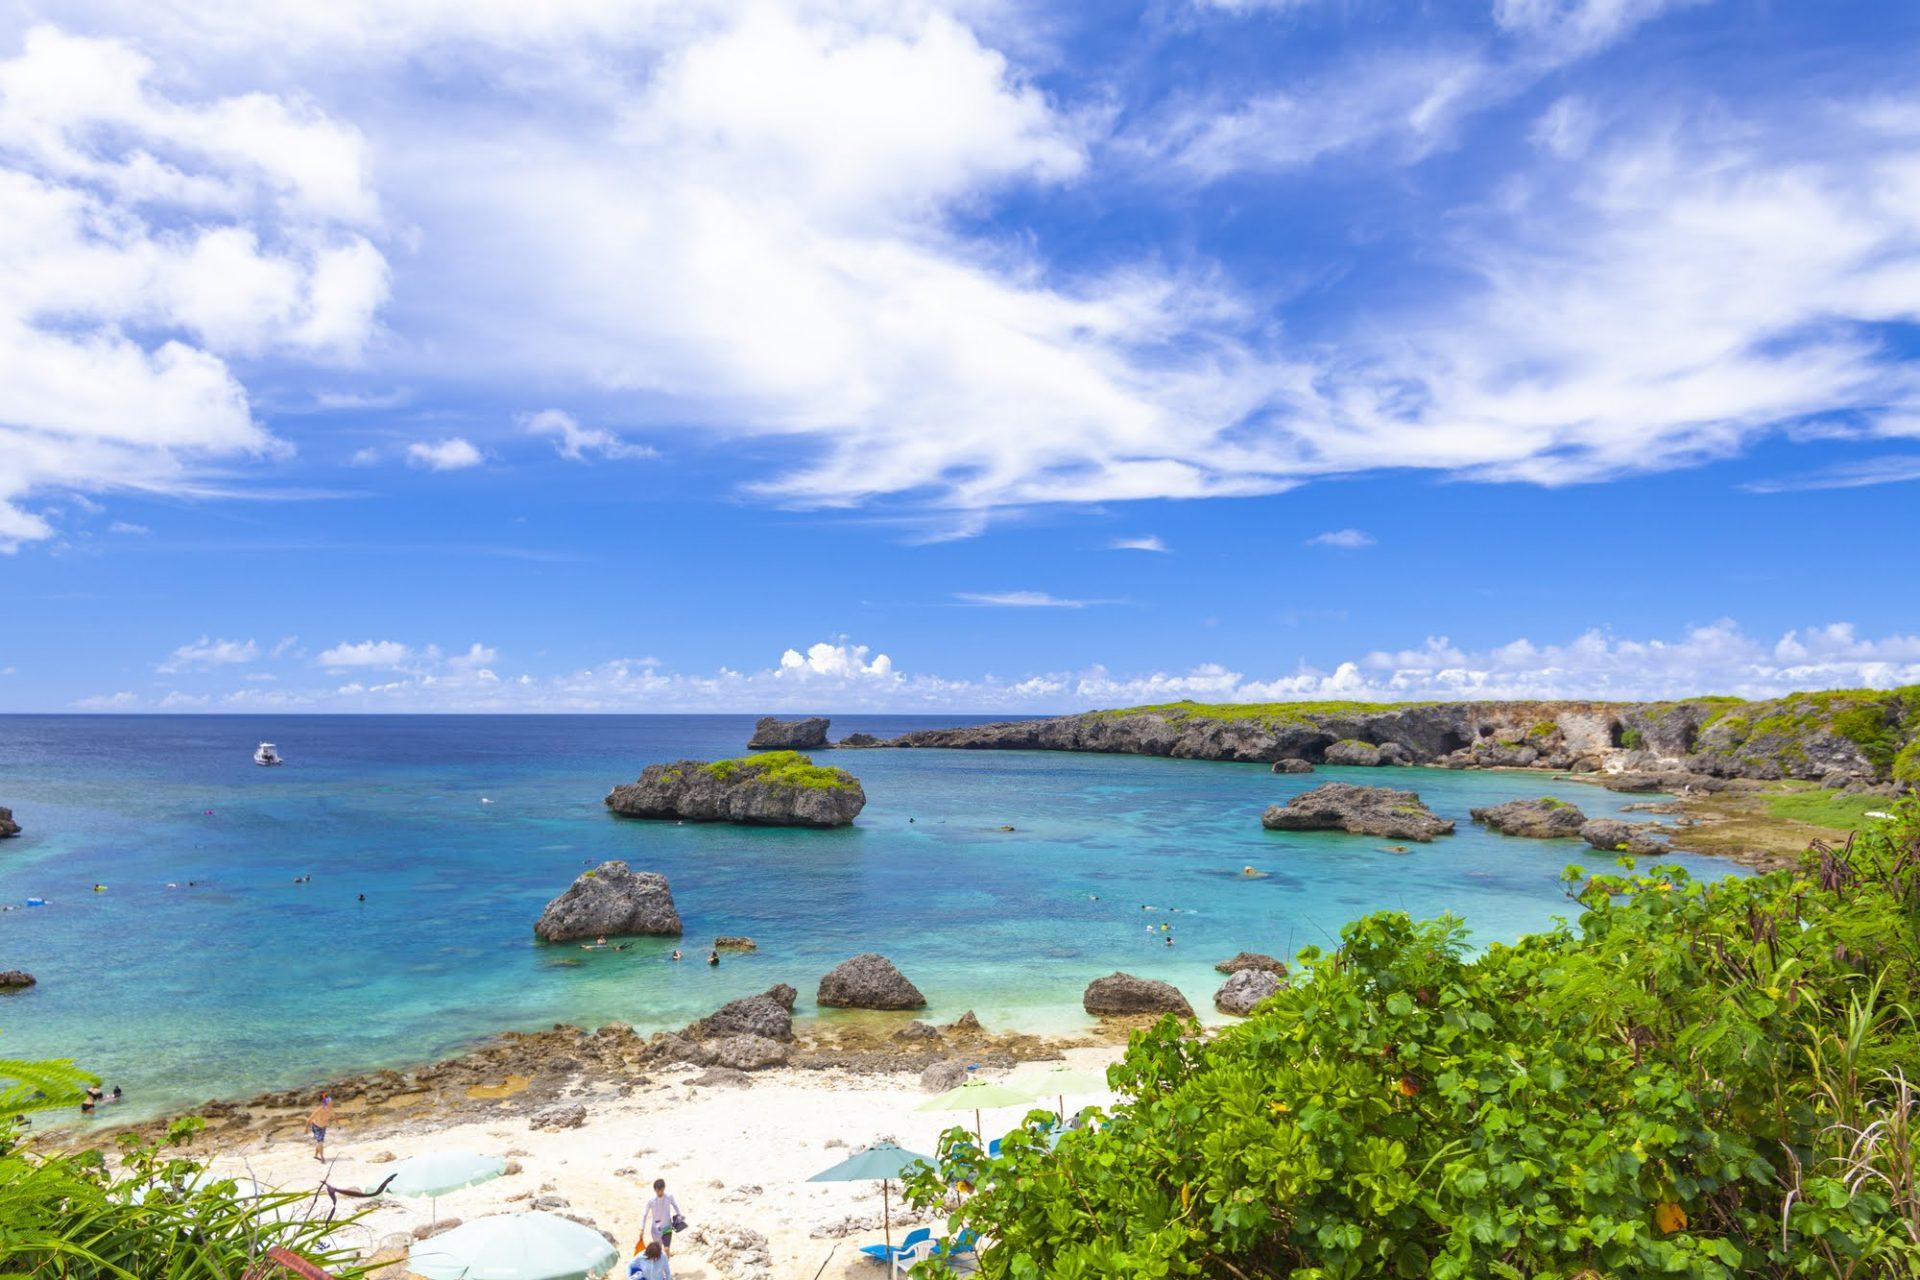 下地島のビーチ「中の島ビーチ」